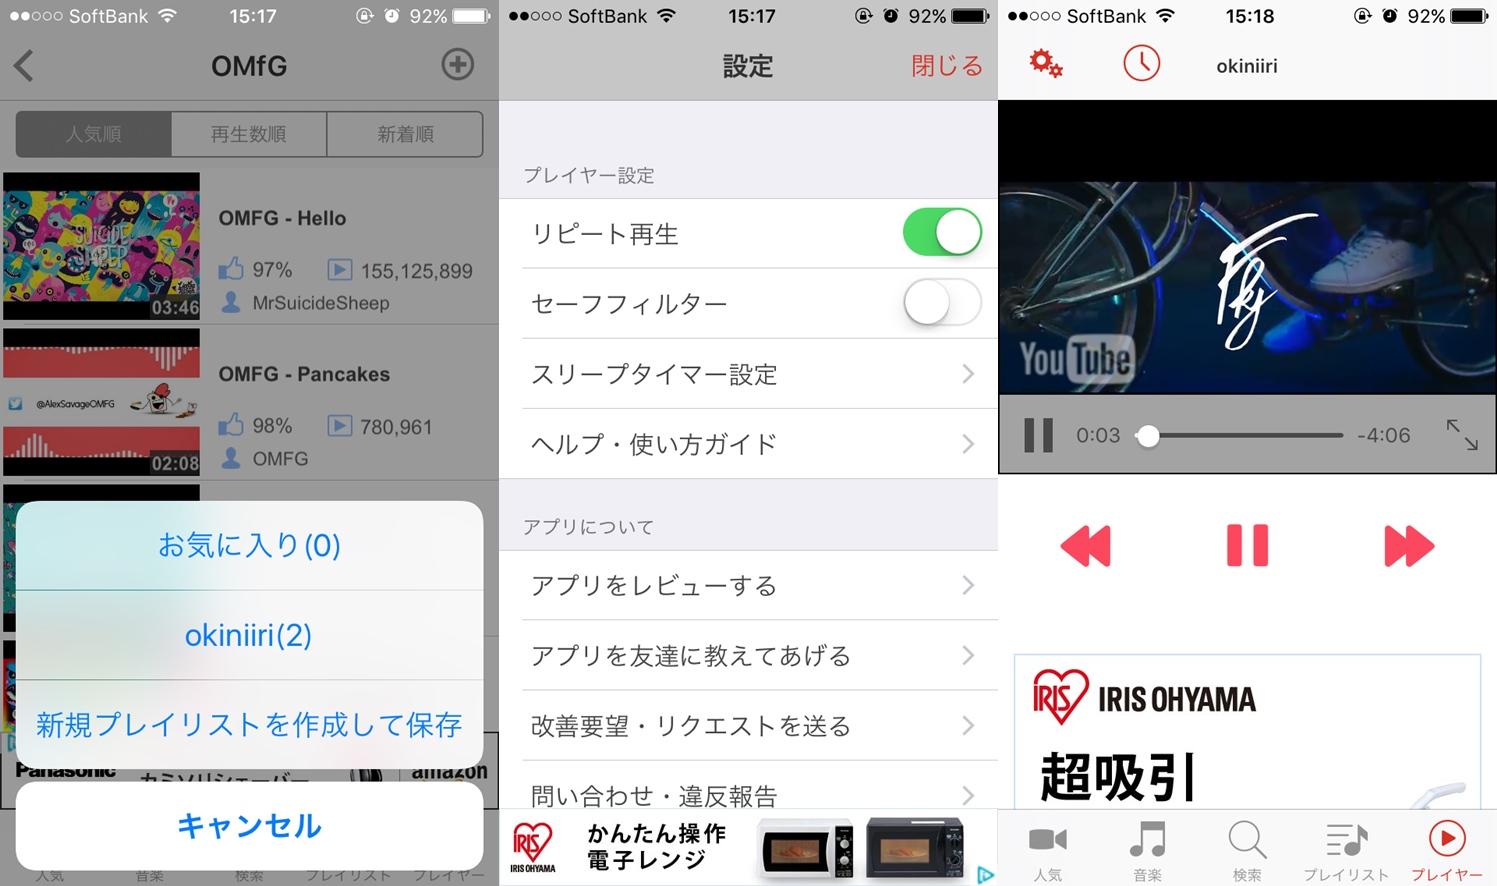 AnzuTube同様に画面のUIがシンプルで使いやすく、リピート再生機能も備わっているYoutube再生アプリです。